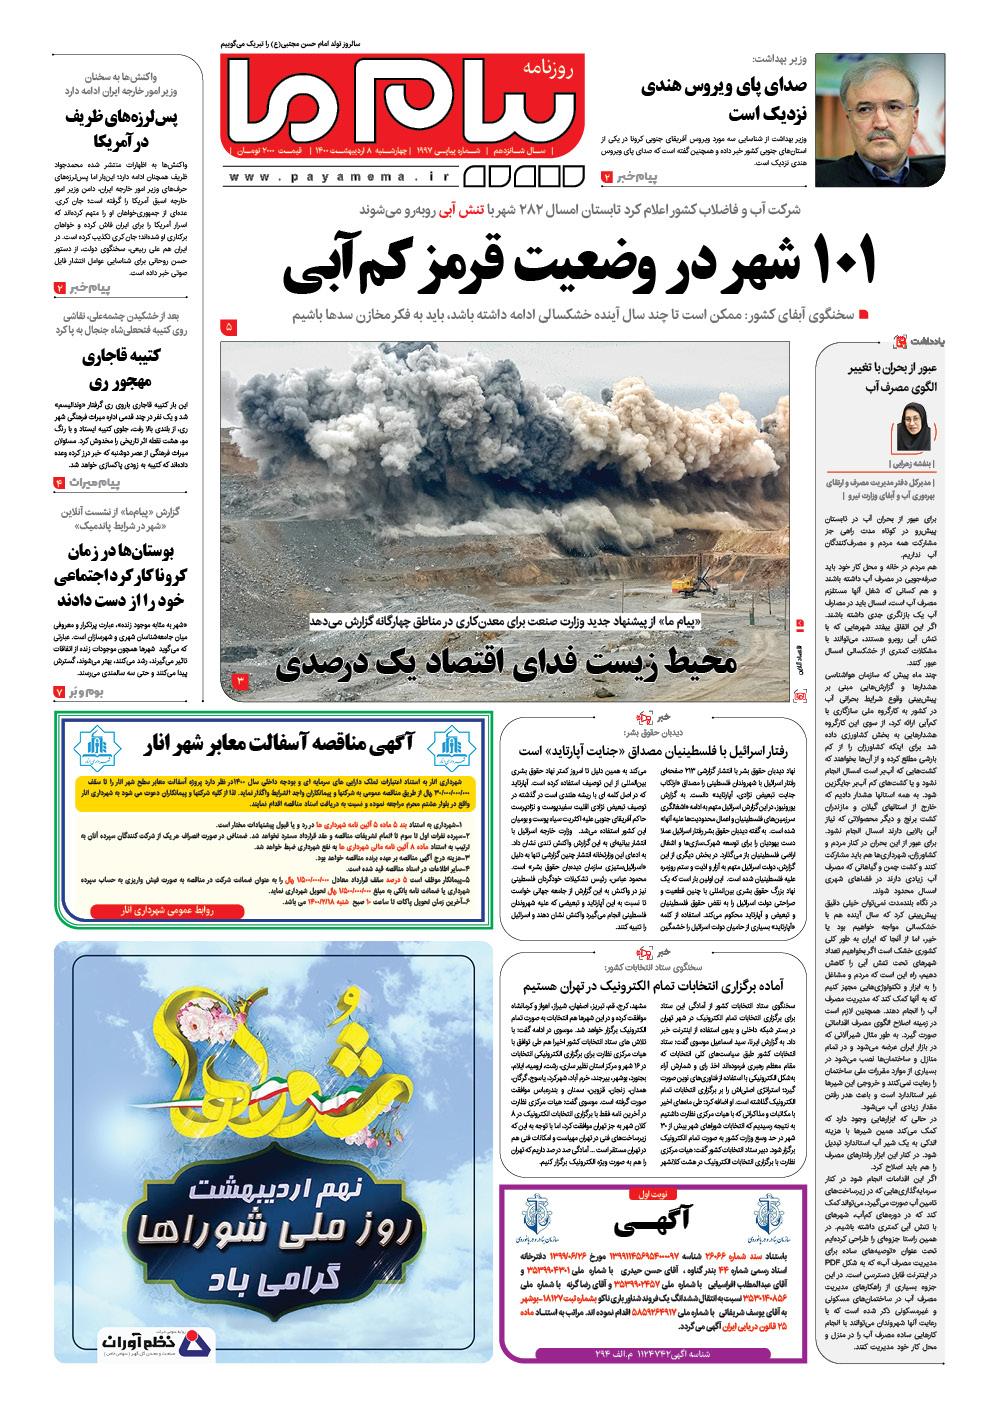 صفحه اول شماره ۱۹۹۷ روزنامه پیام ما